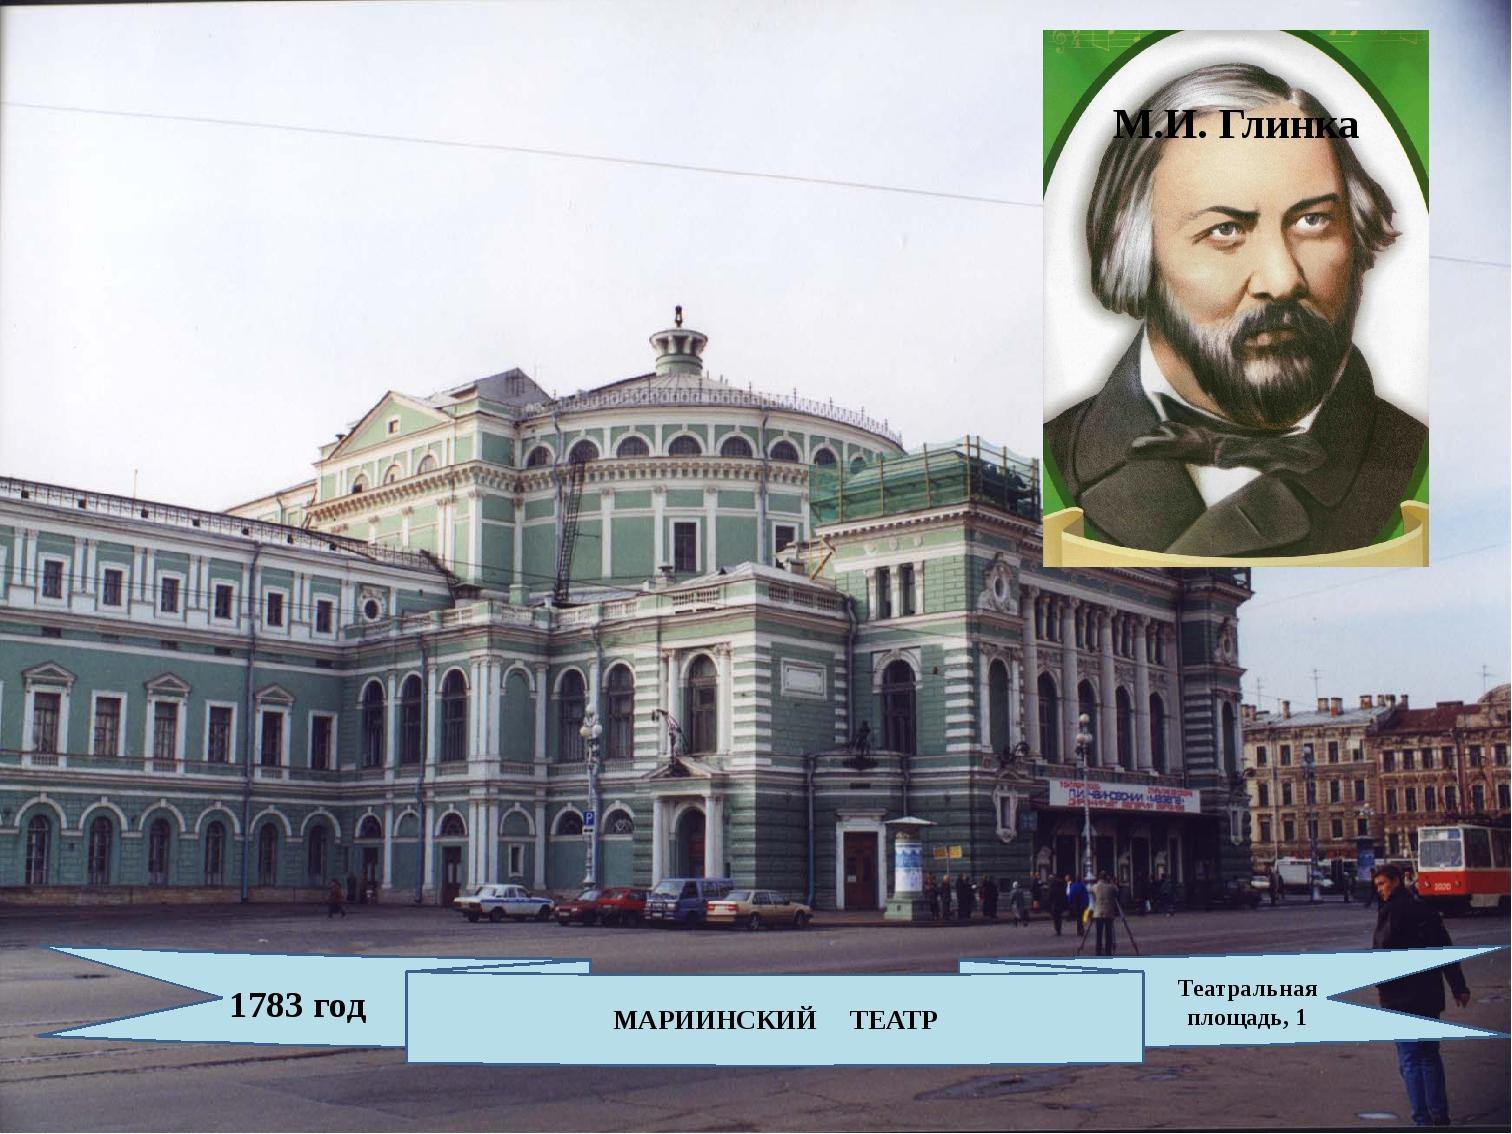 МАРИИНСКИЙ ТЕАТР 1783 год Театральная площадь, 1 М.И. Глинка